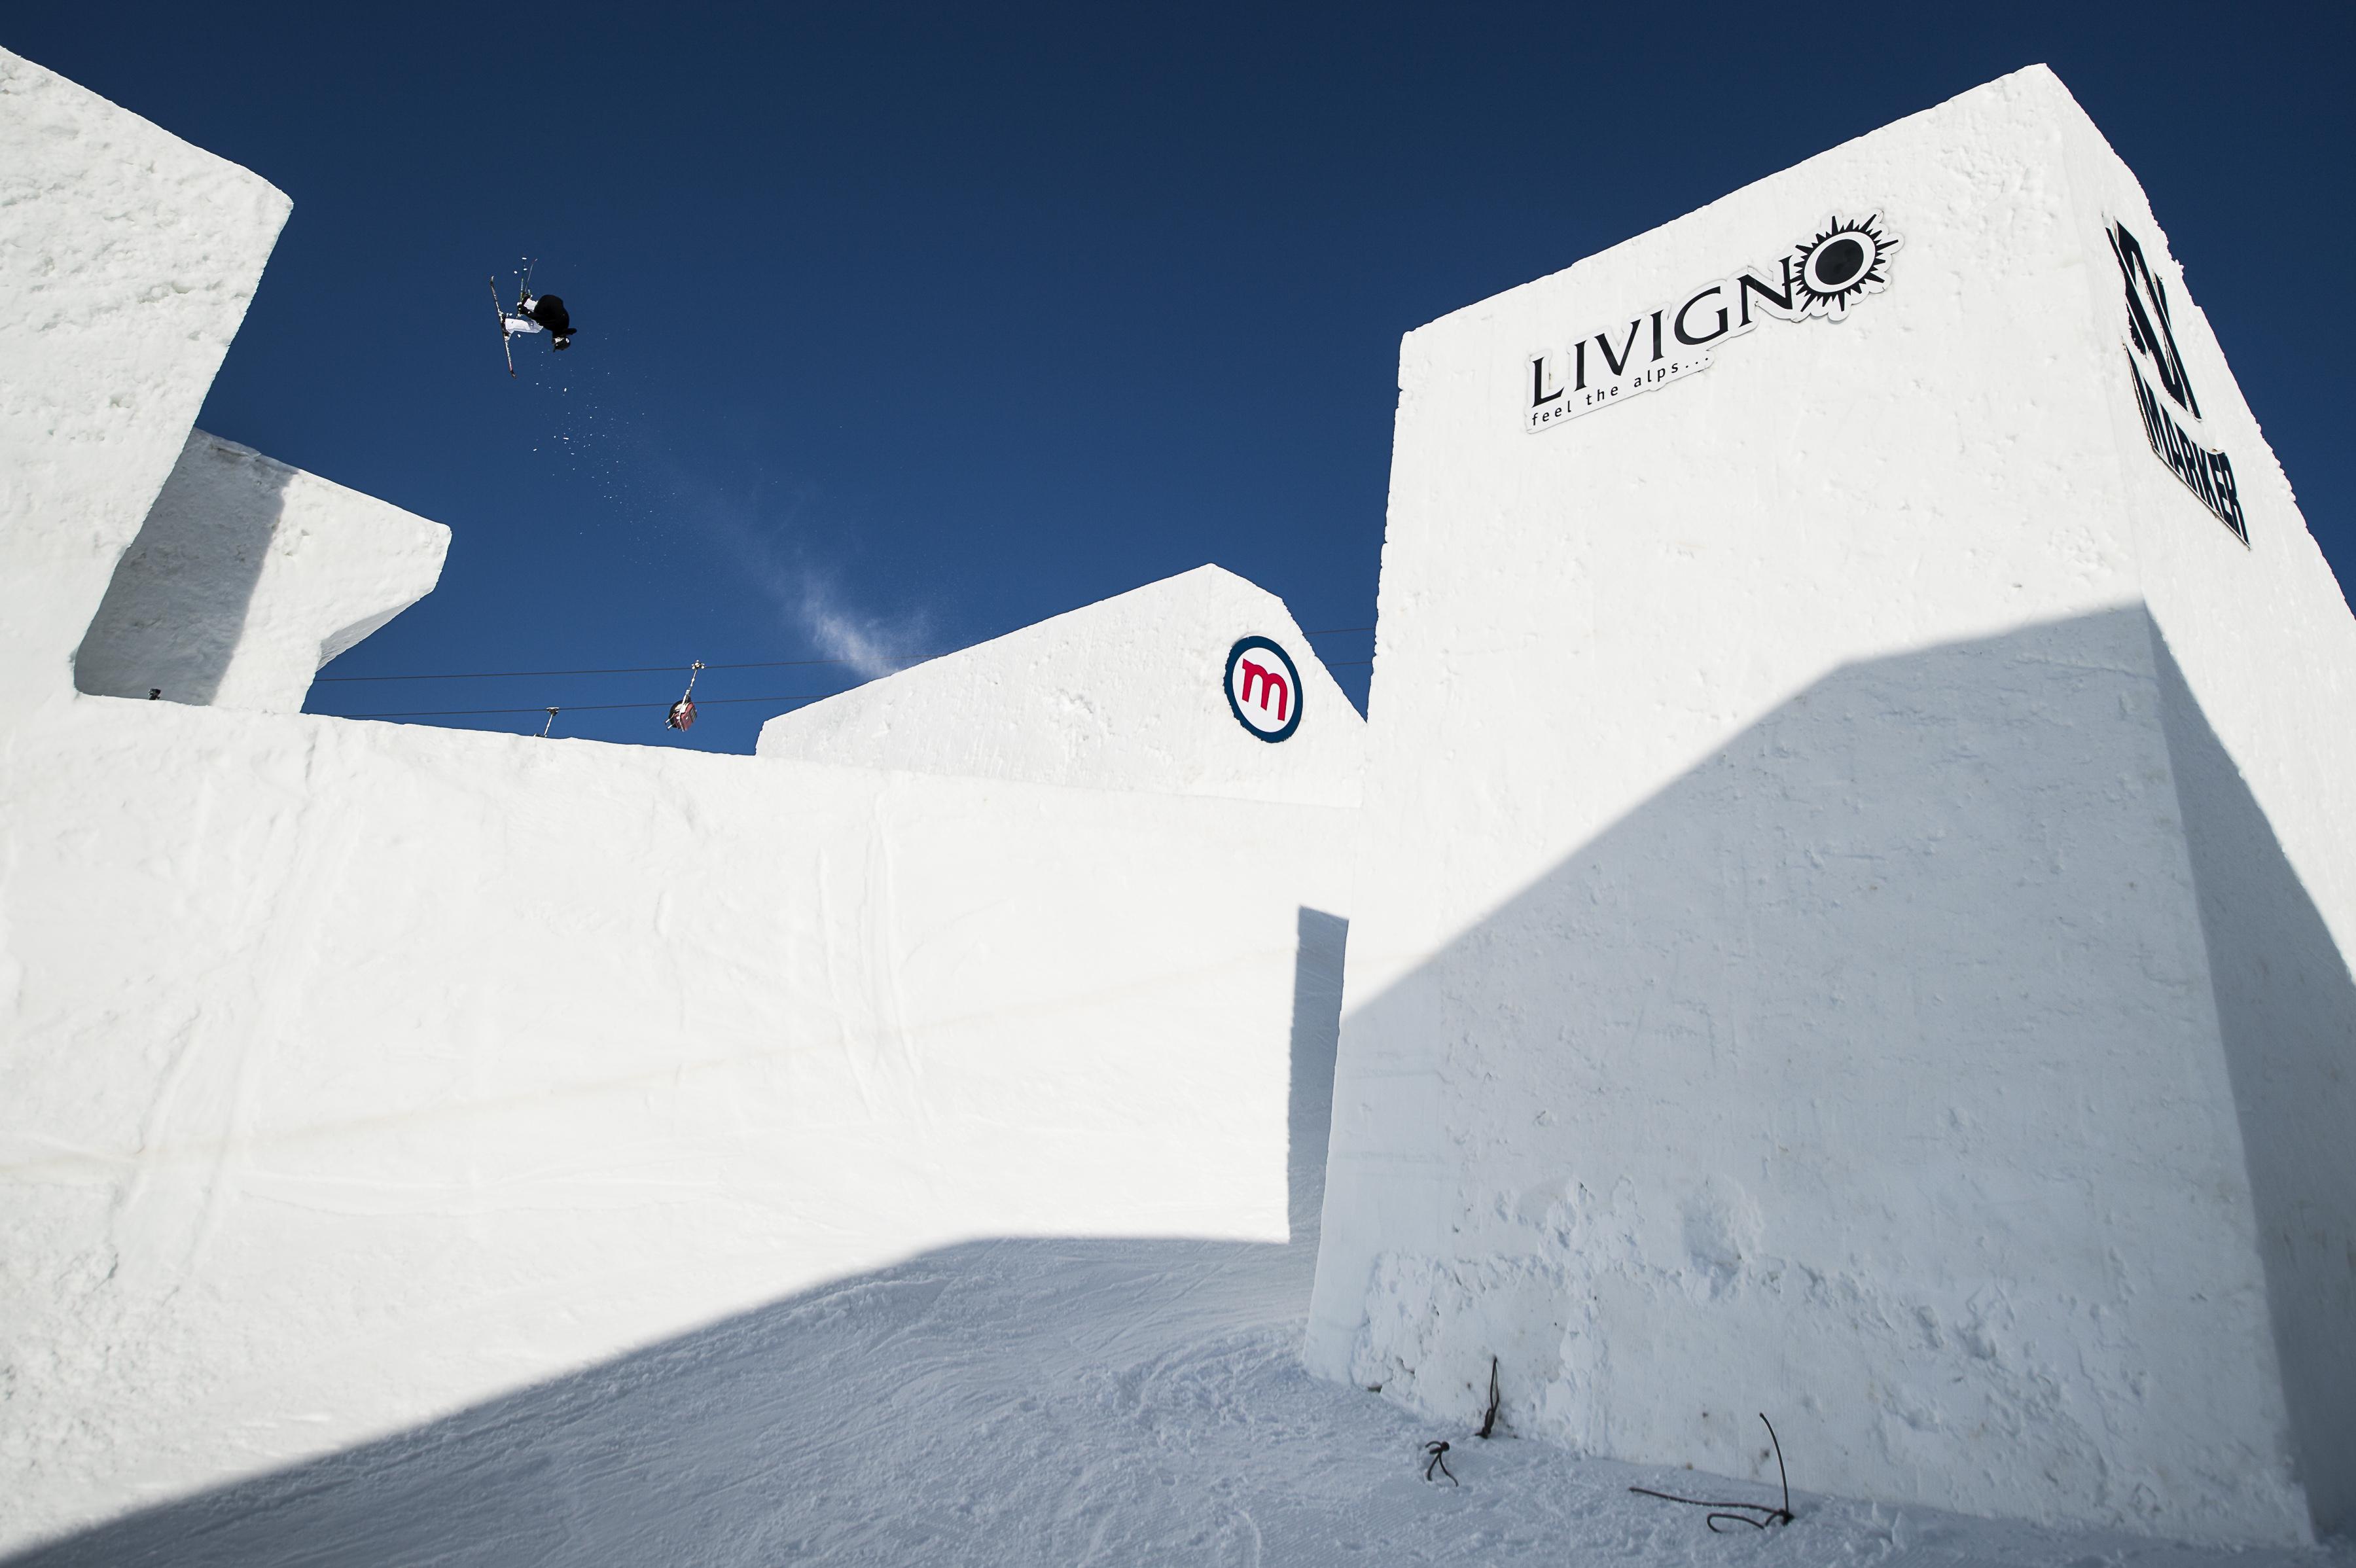 Nine Queens di Livigno: freeski e snowboard